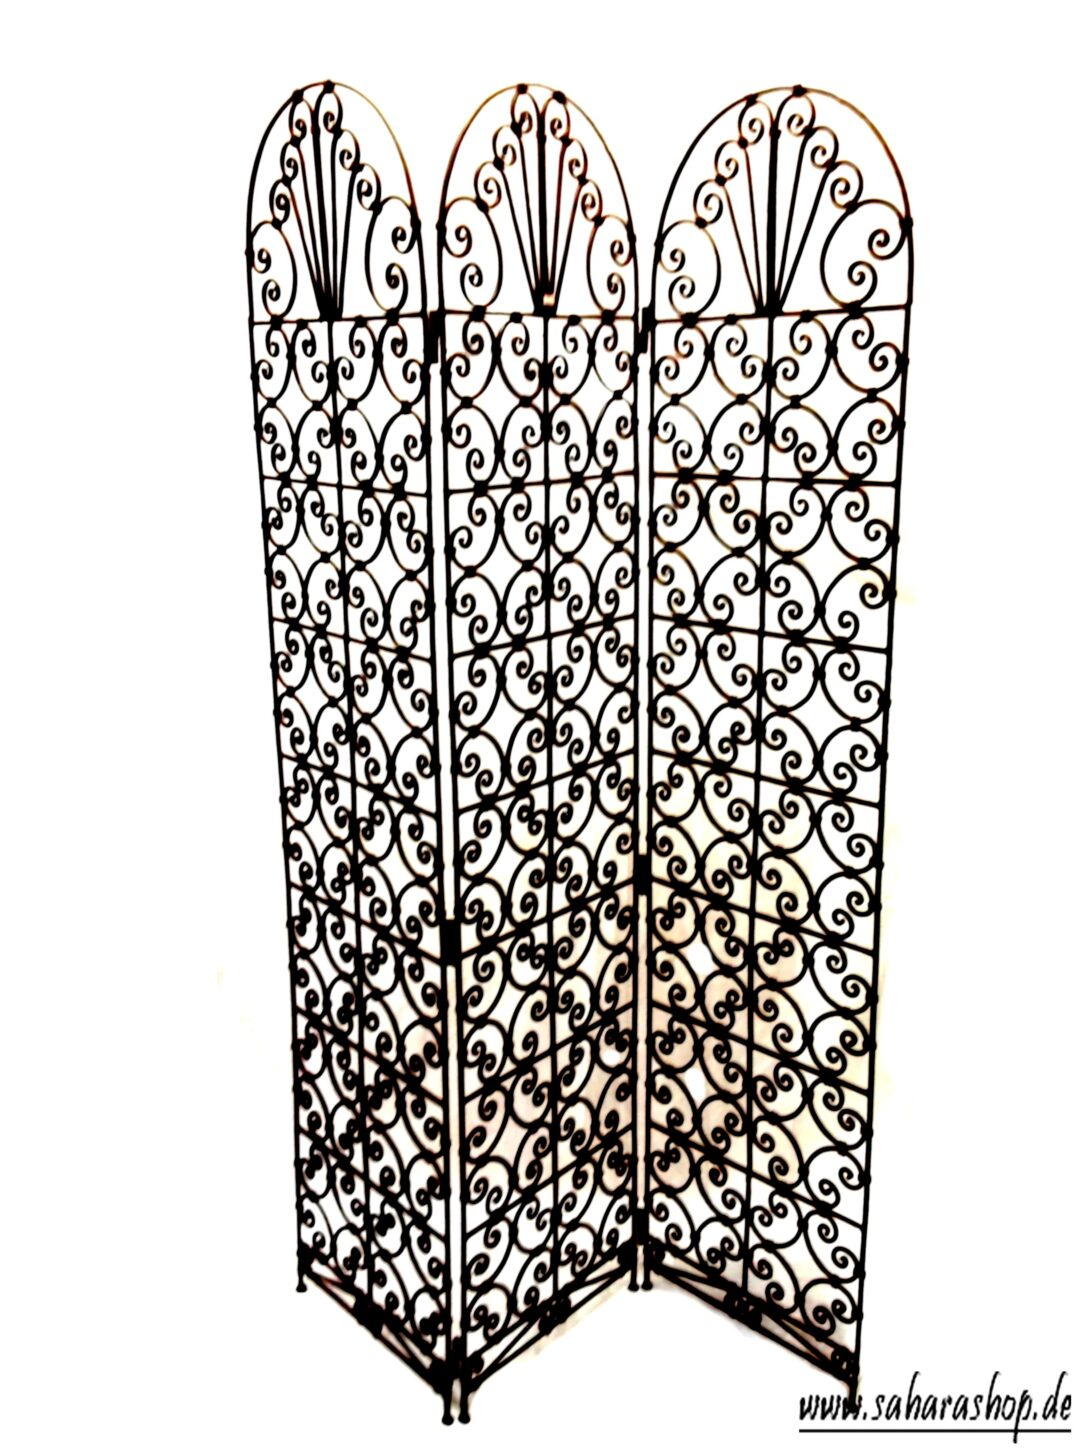 Large Size of Paravent Garten Metall Holzhaus Spielhaus Klapptisch Eckbank Trennwand Spielanlage Stapelstuhl Vertikal Und Landschaftsbau Berlin Pergola Whirlpool Aufblasbar Wohnzimmer Paravent Garten Metall